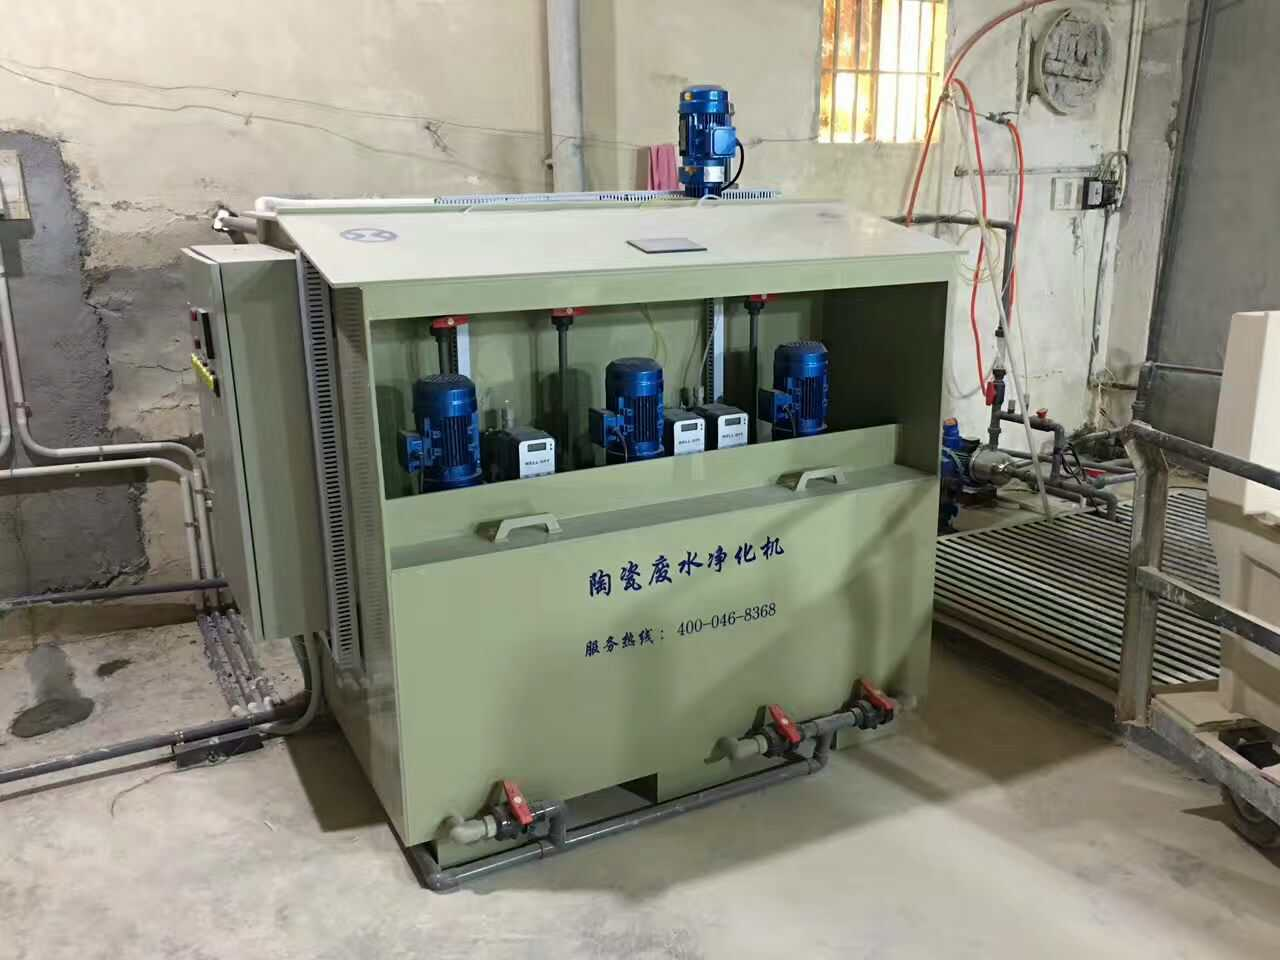 陶瓷废水净化机